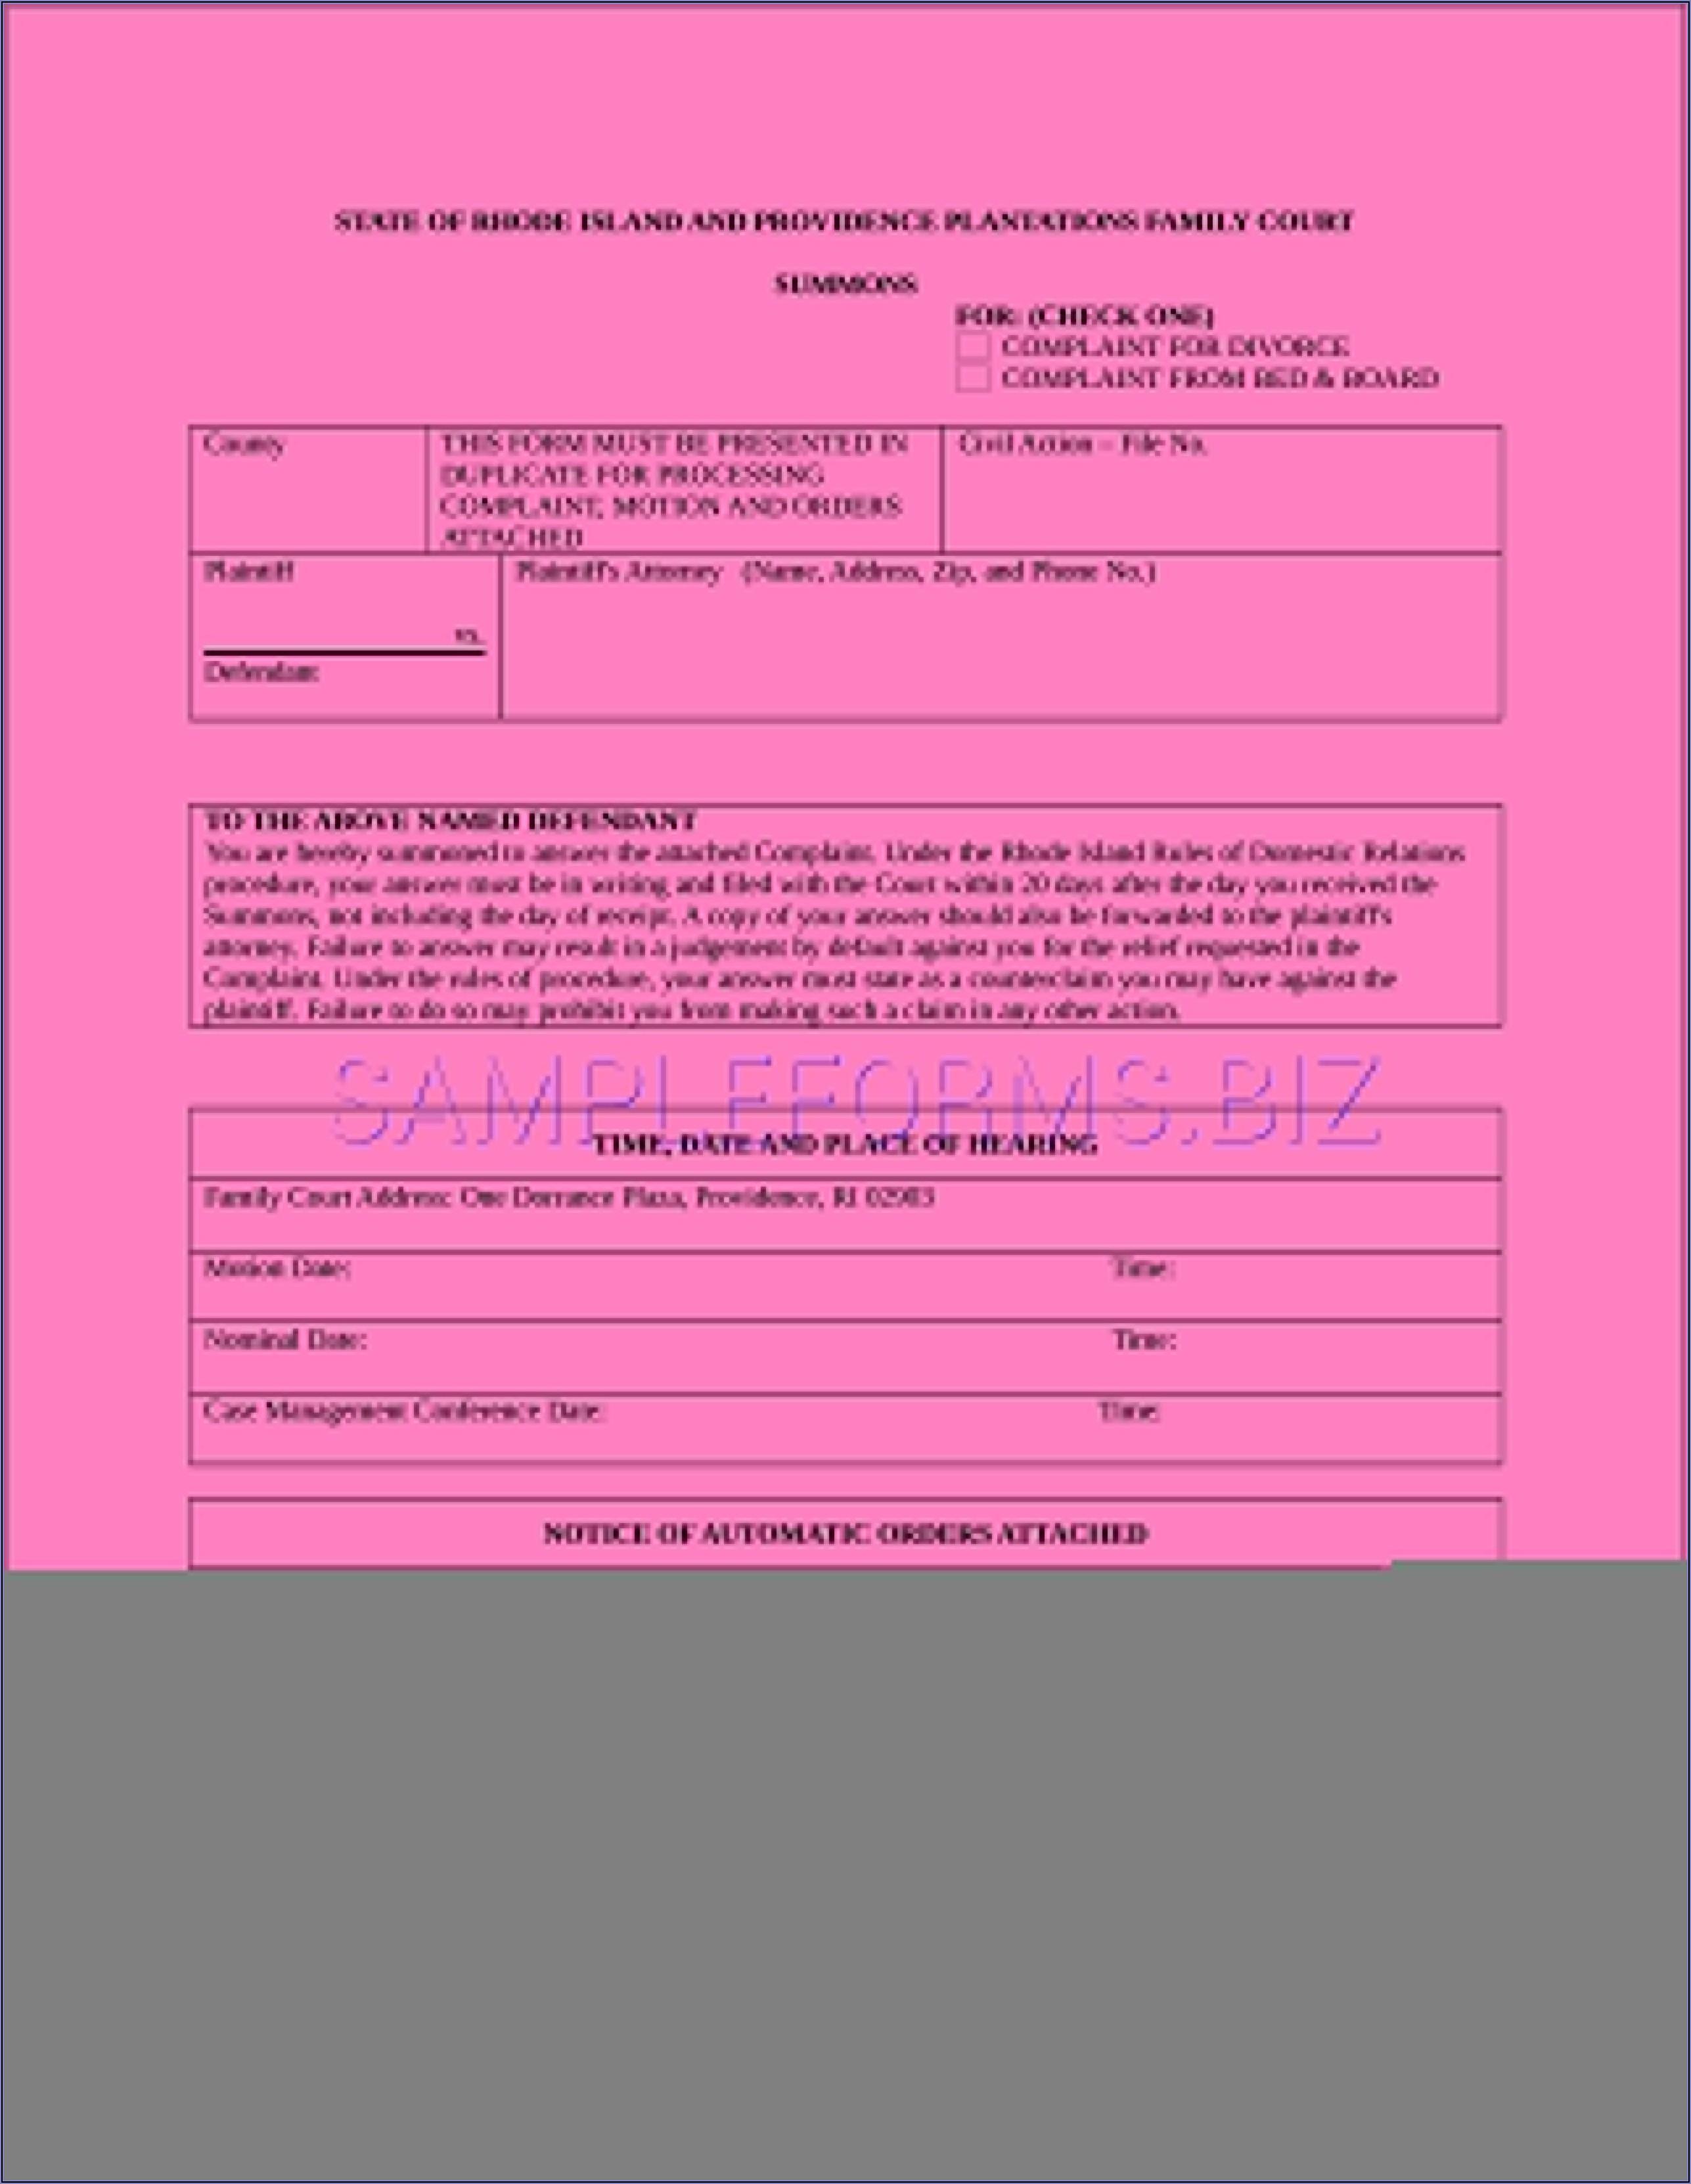 Family Court Affidavit Template Nz